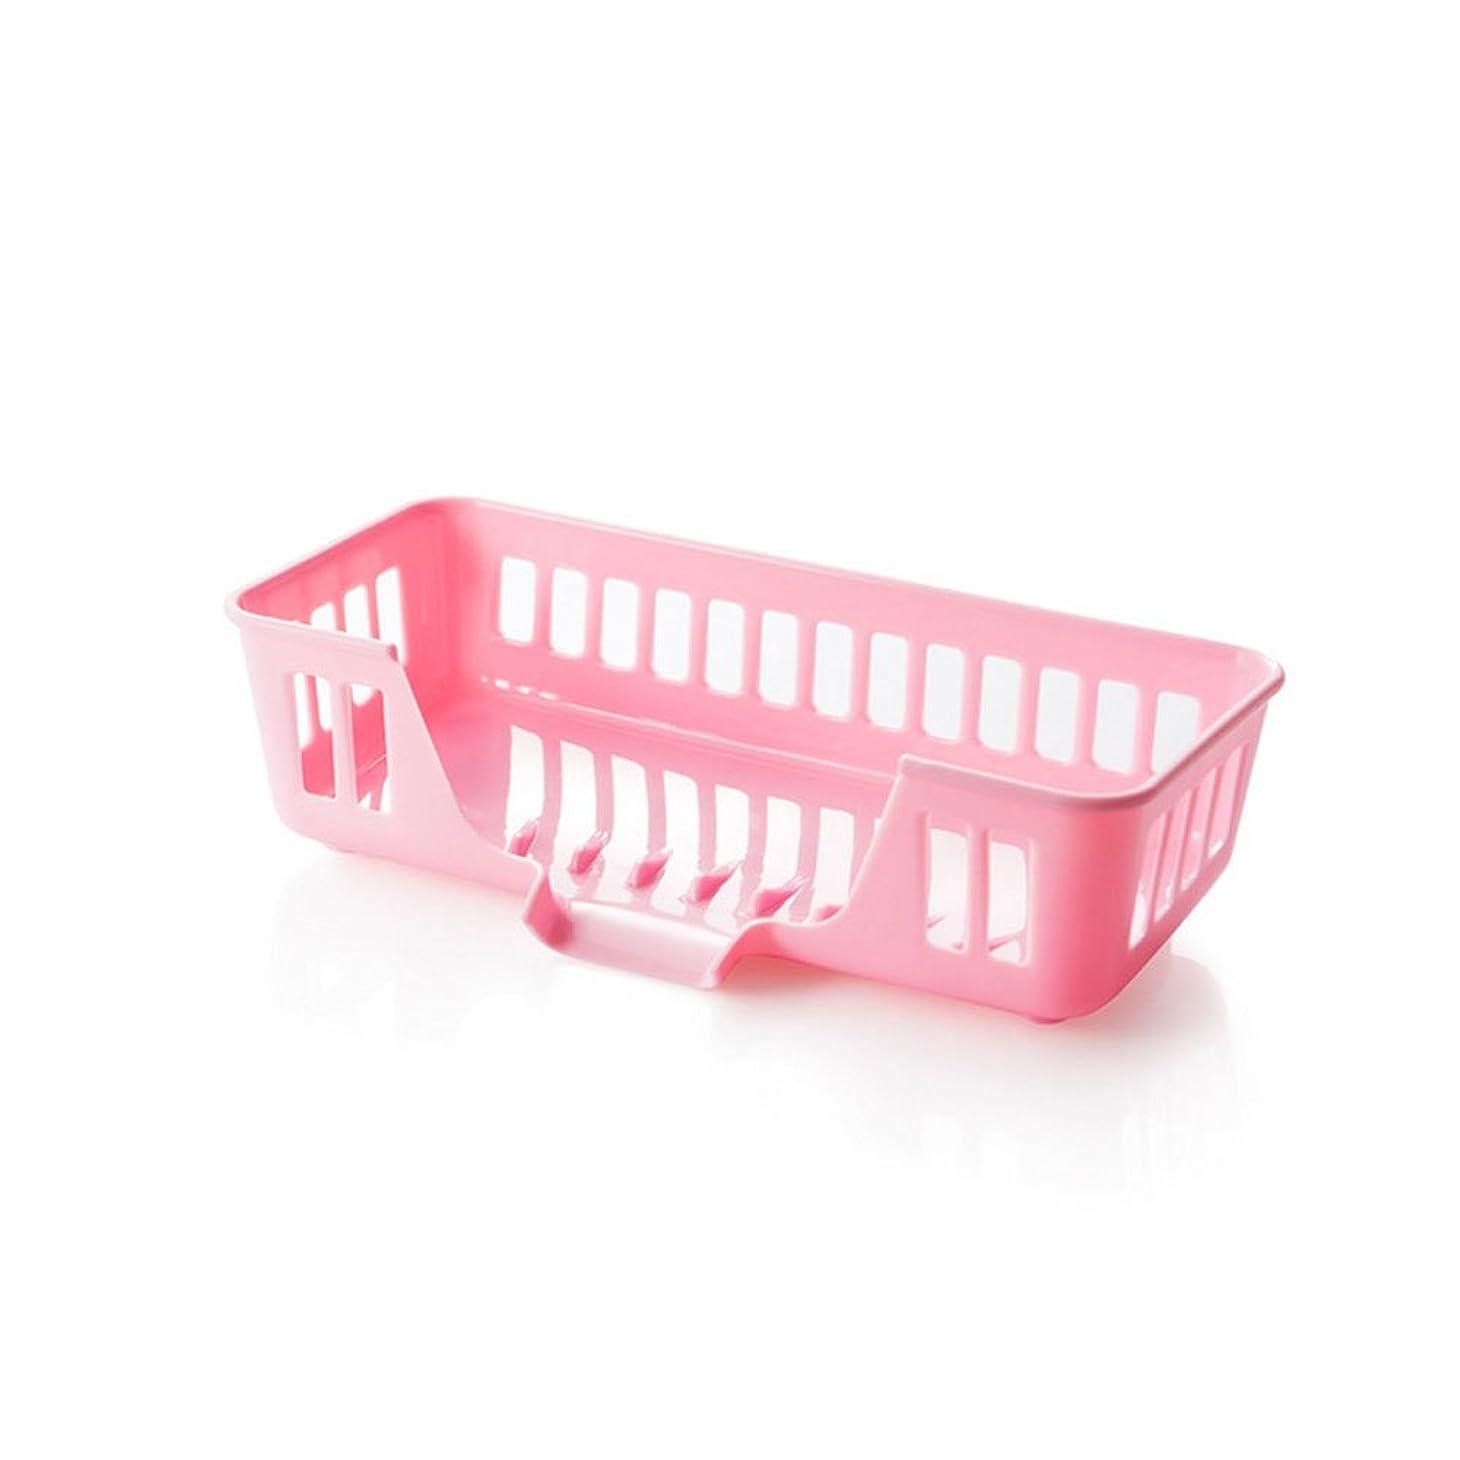 国歌失香港Asentech 多機能用 小物置き スポンジ 食器 小物 石鹸入れ 水切り たわし入れ (ピンク)